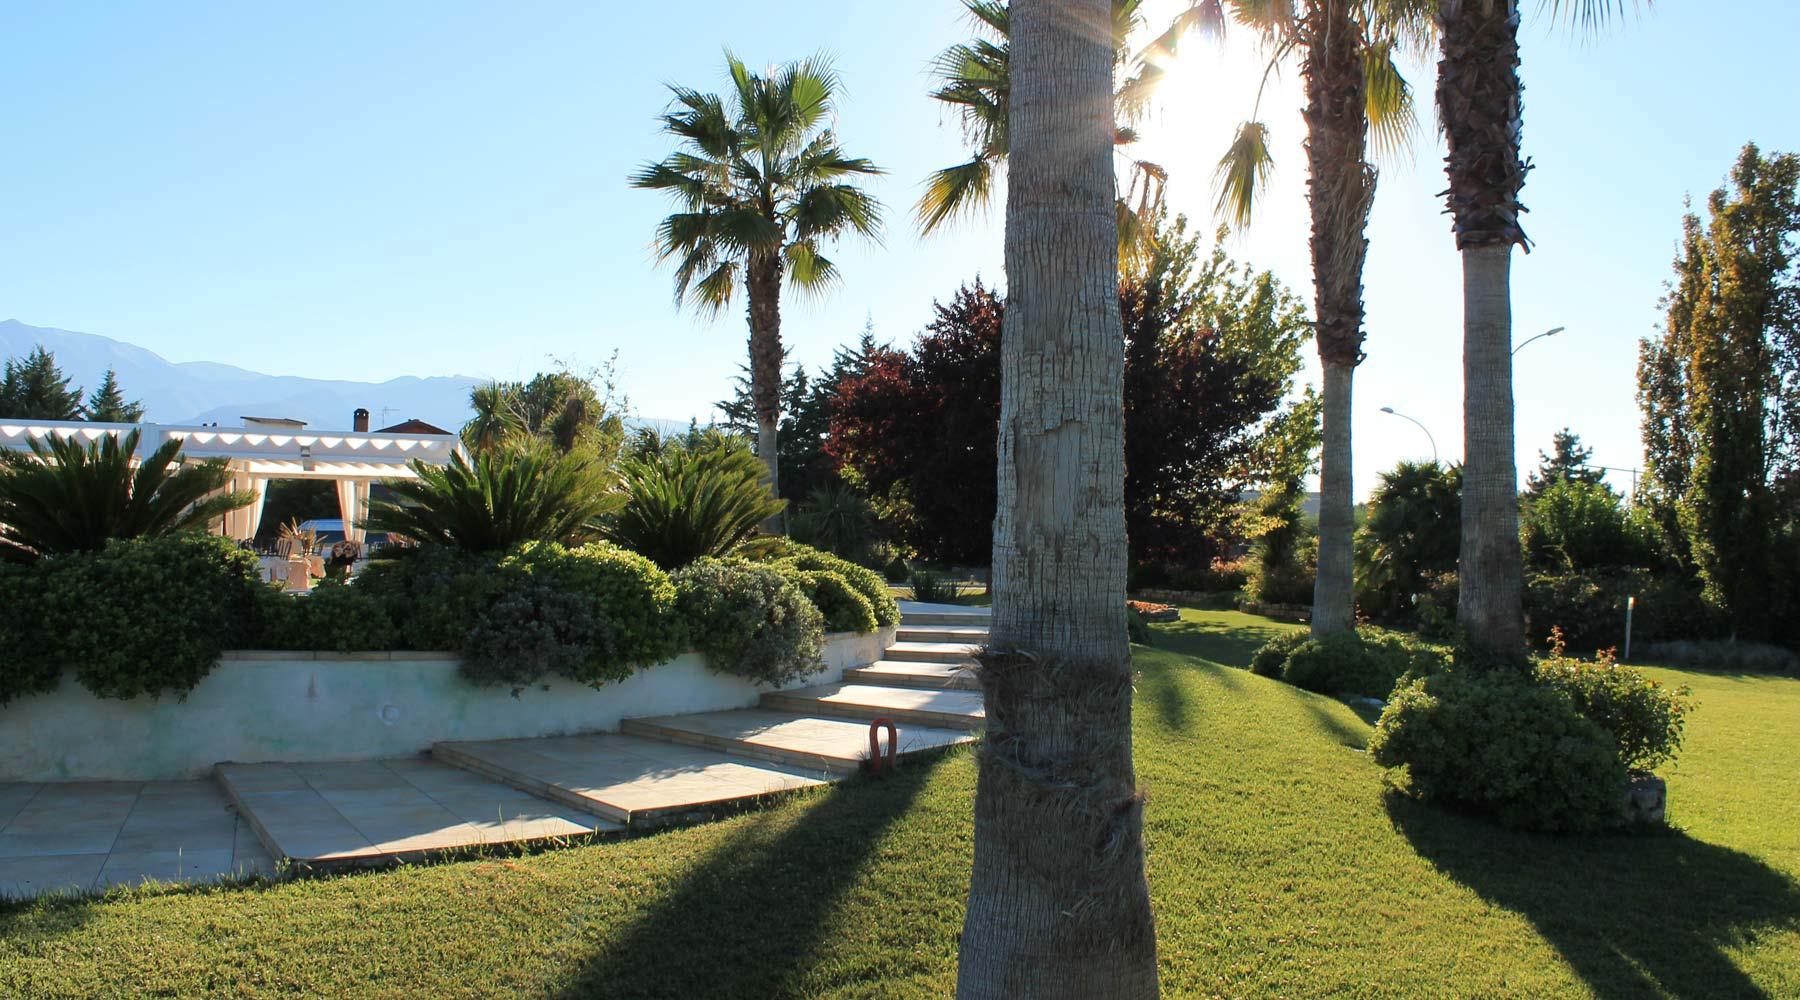 Hotel con piscina e ristorante a chieti in abruzzo - Hotel con piscina abruzzo ...